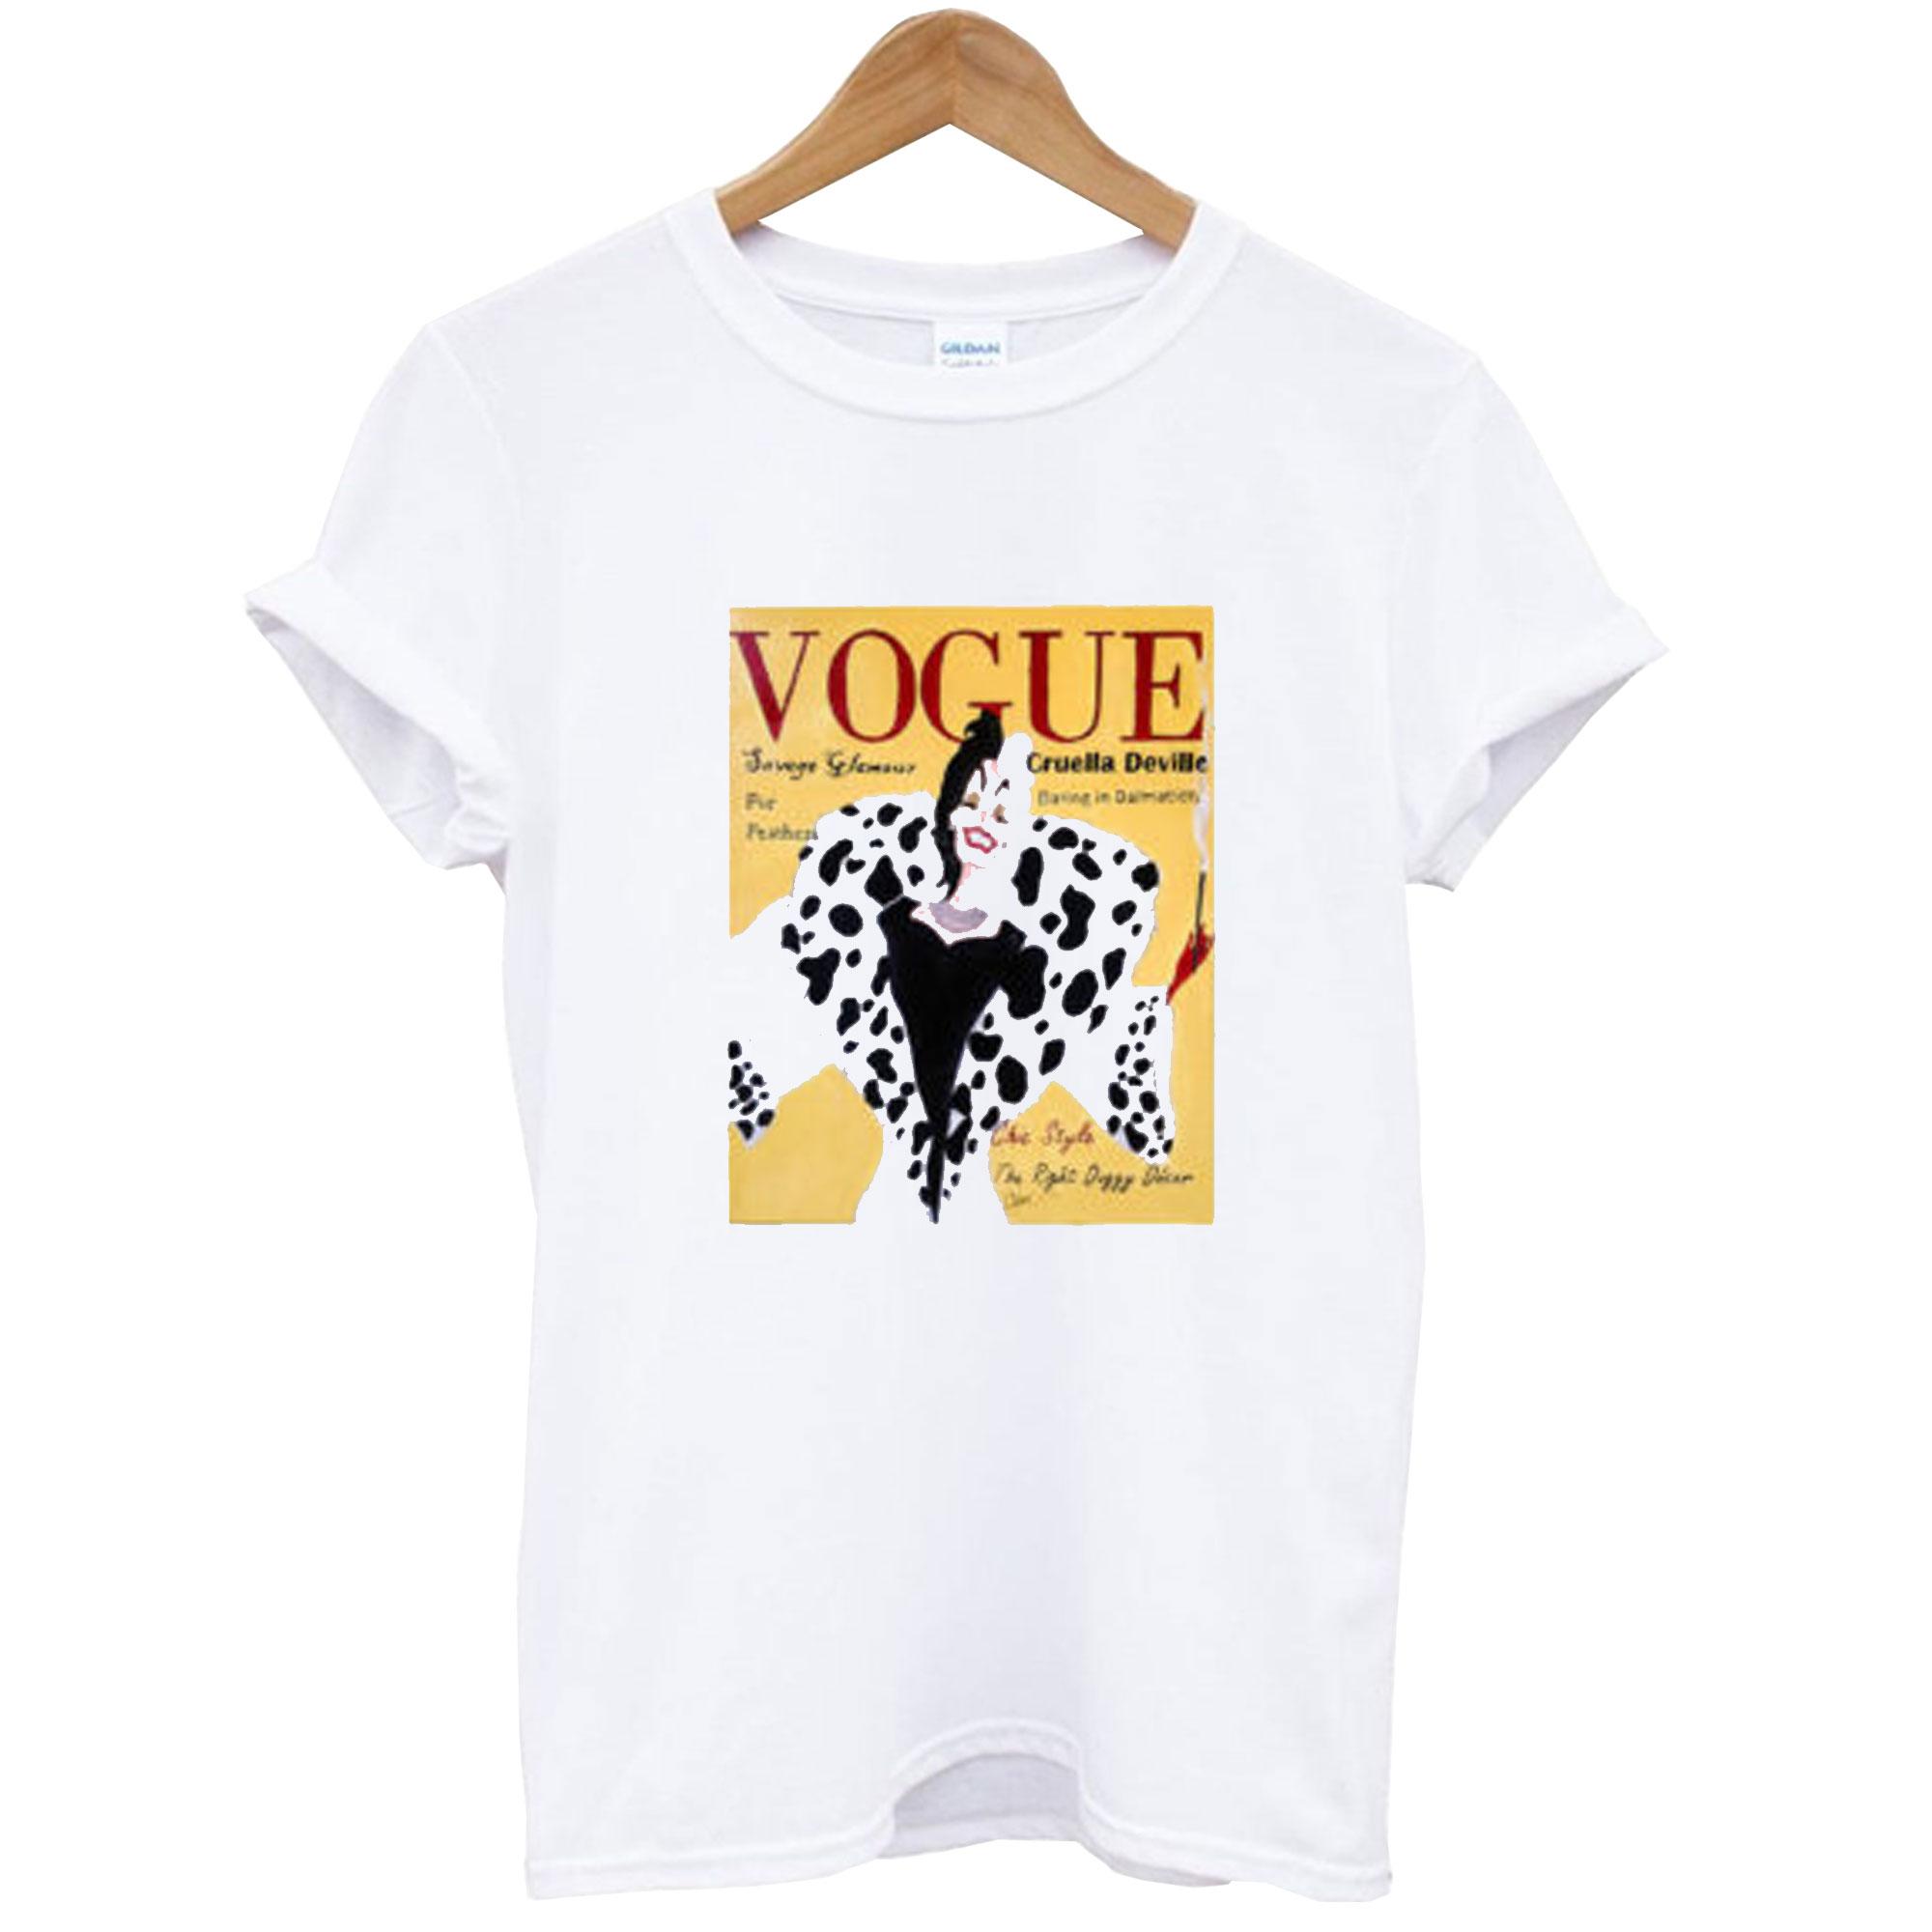 Cruella Deville Vogue T-Shirt